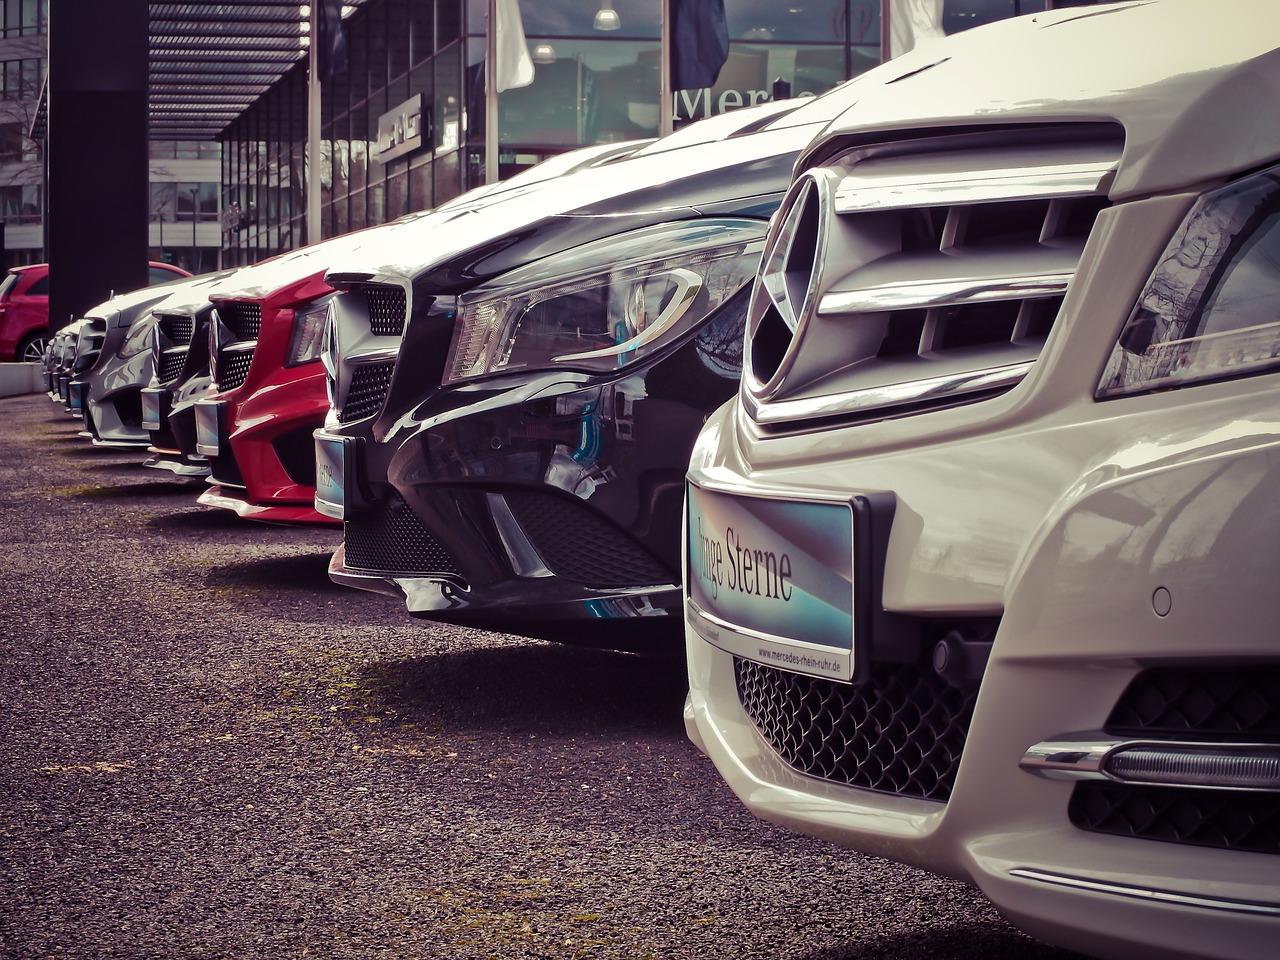 В ГФС отчитались о количестве ввезенных по сниженным акцизам подержанных автомобилей 1